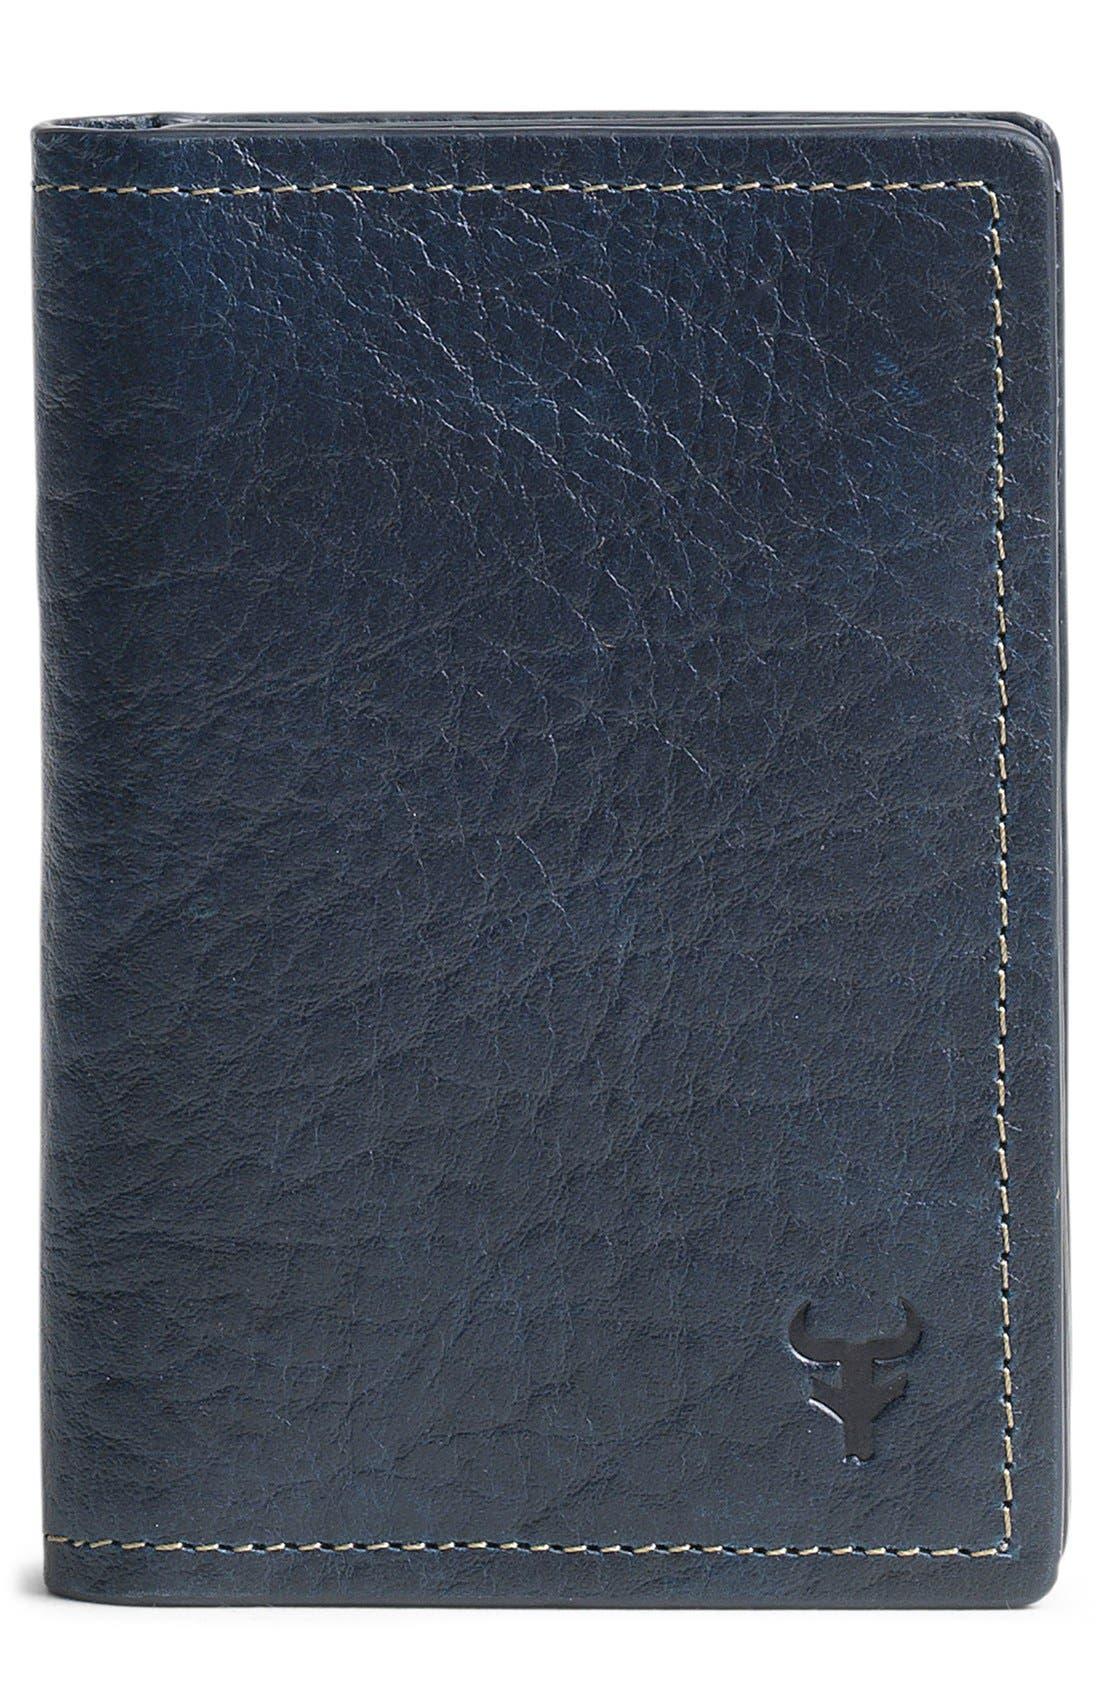 Trask 'Jackson' Gusset Pocket Bison Leather Card Case